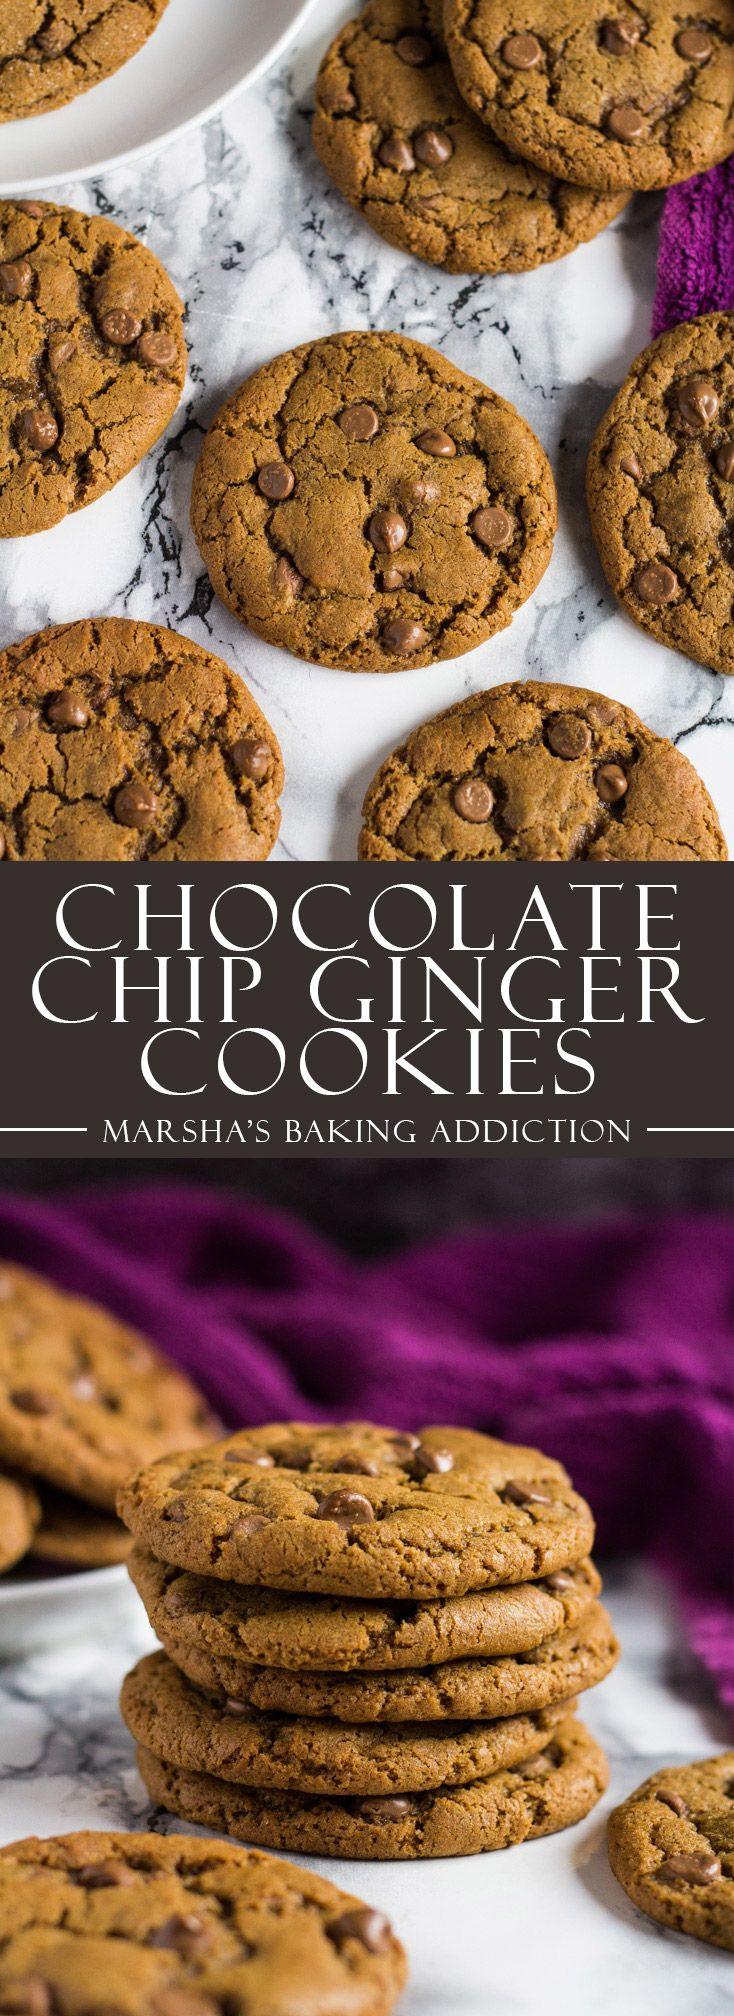 Chocolate Chip Ginger Cookies | marshasbakingaddiction.com @marshasbakeblog